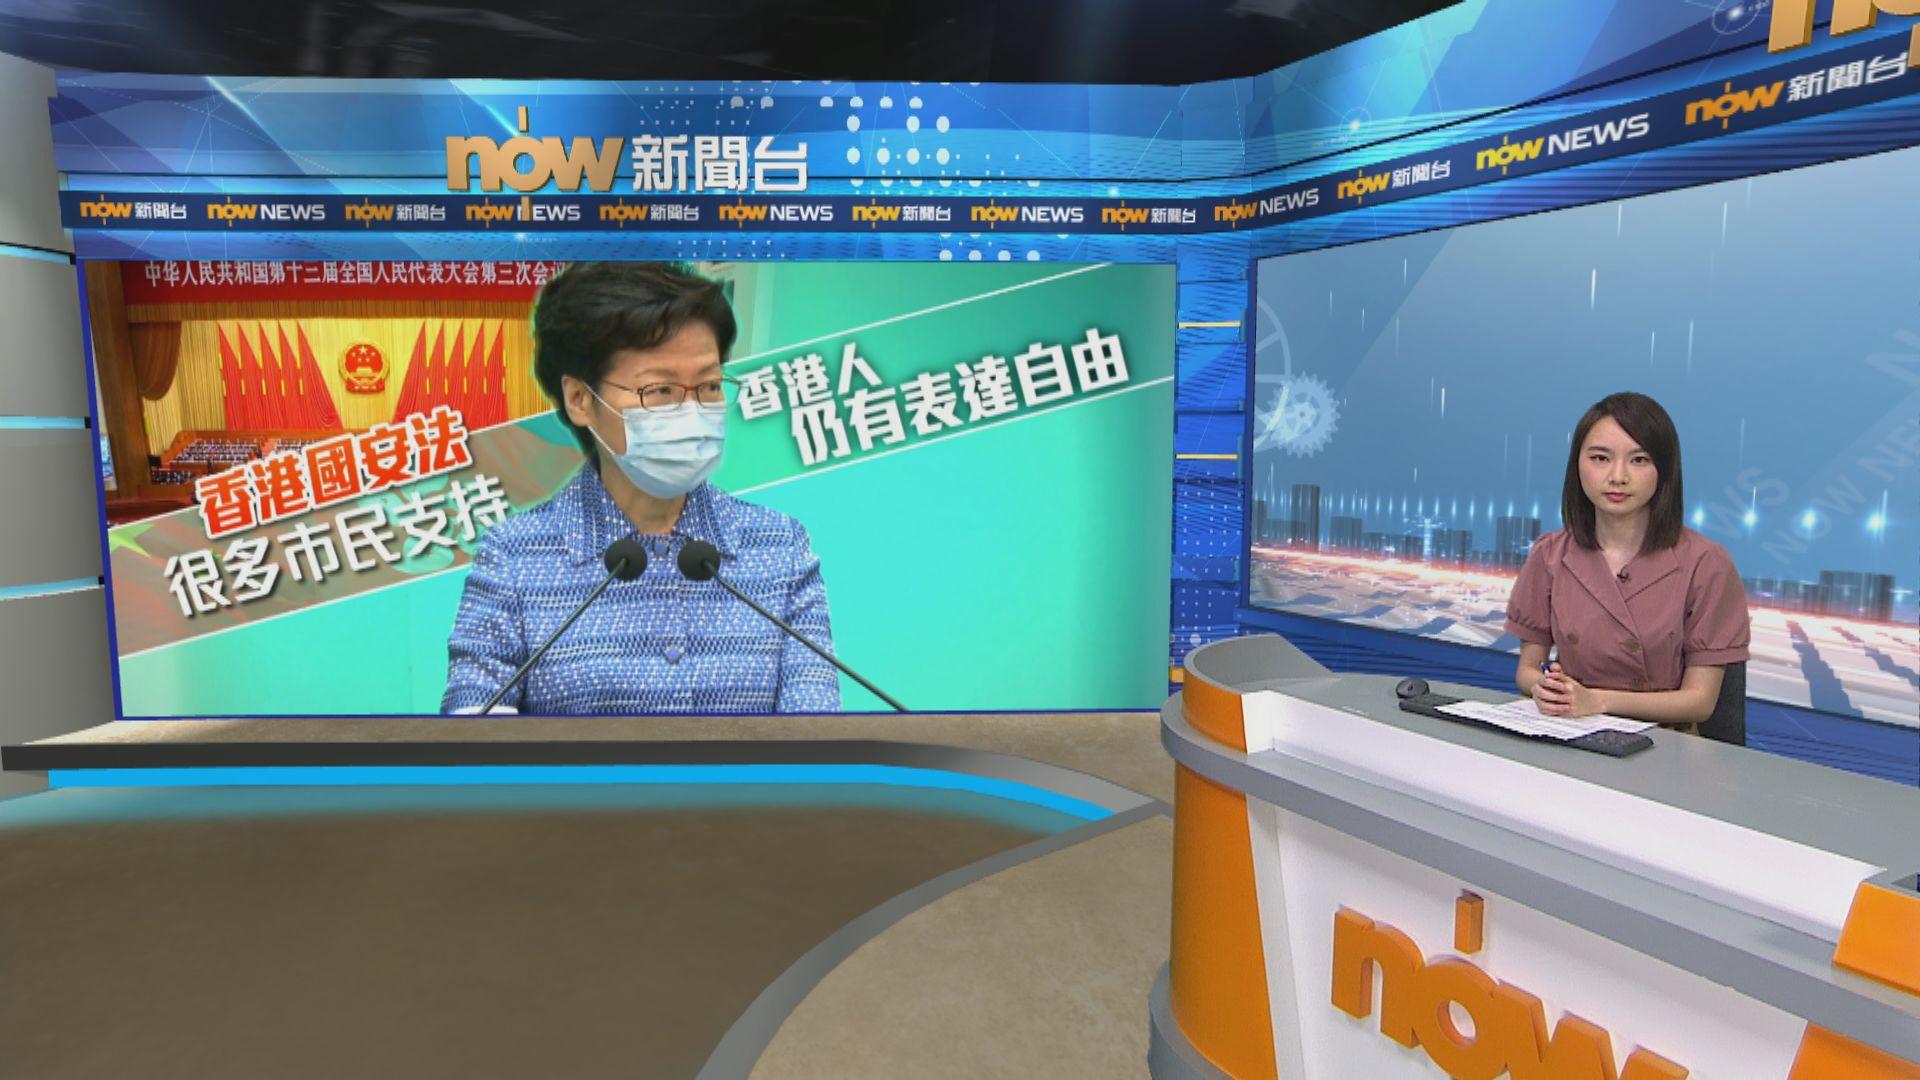 林鄭月娥:樂見很多市民支持國安法